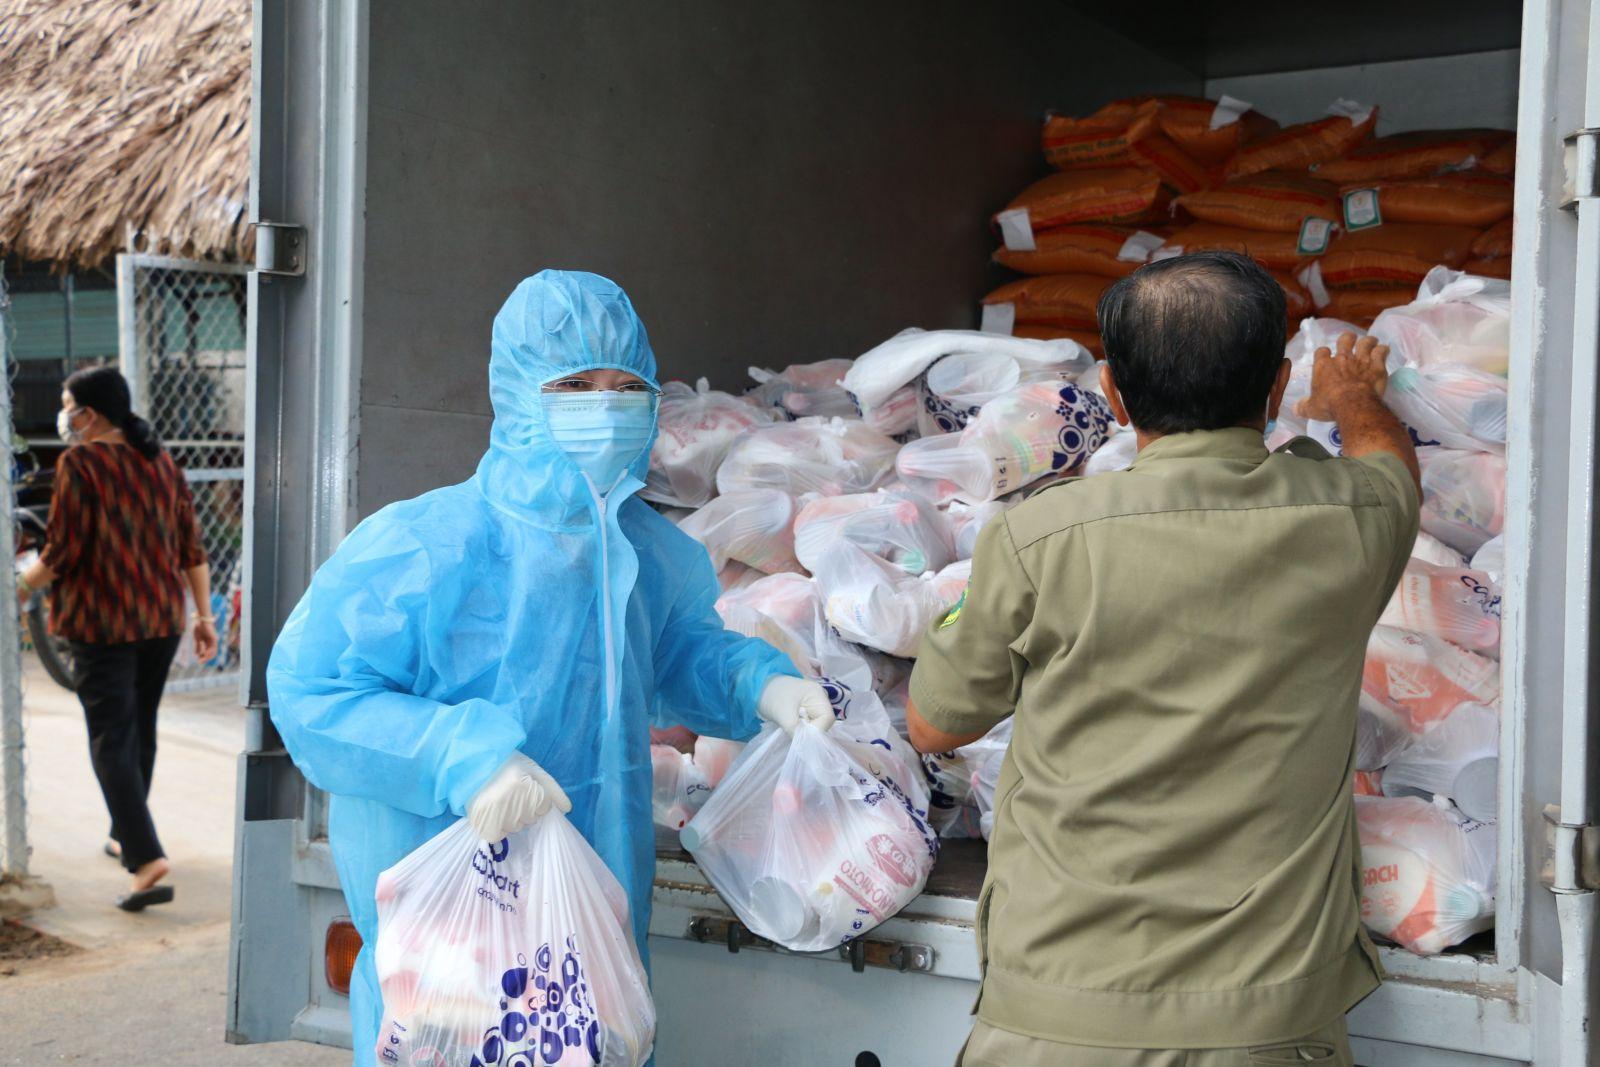 Bà Nguyễn Kim Loan, Chủ tịch LĐLĐ tỉnh Bình Dương trực tiếp tham gia hỗ trợ chuyển quà đến khu phong tỏa